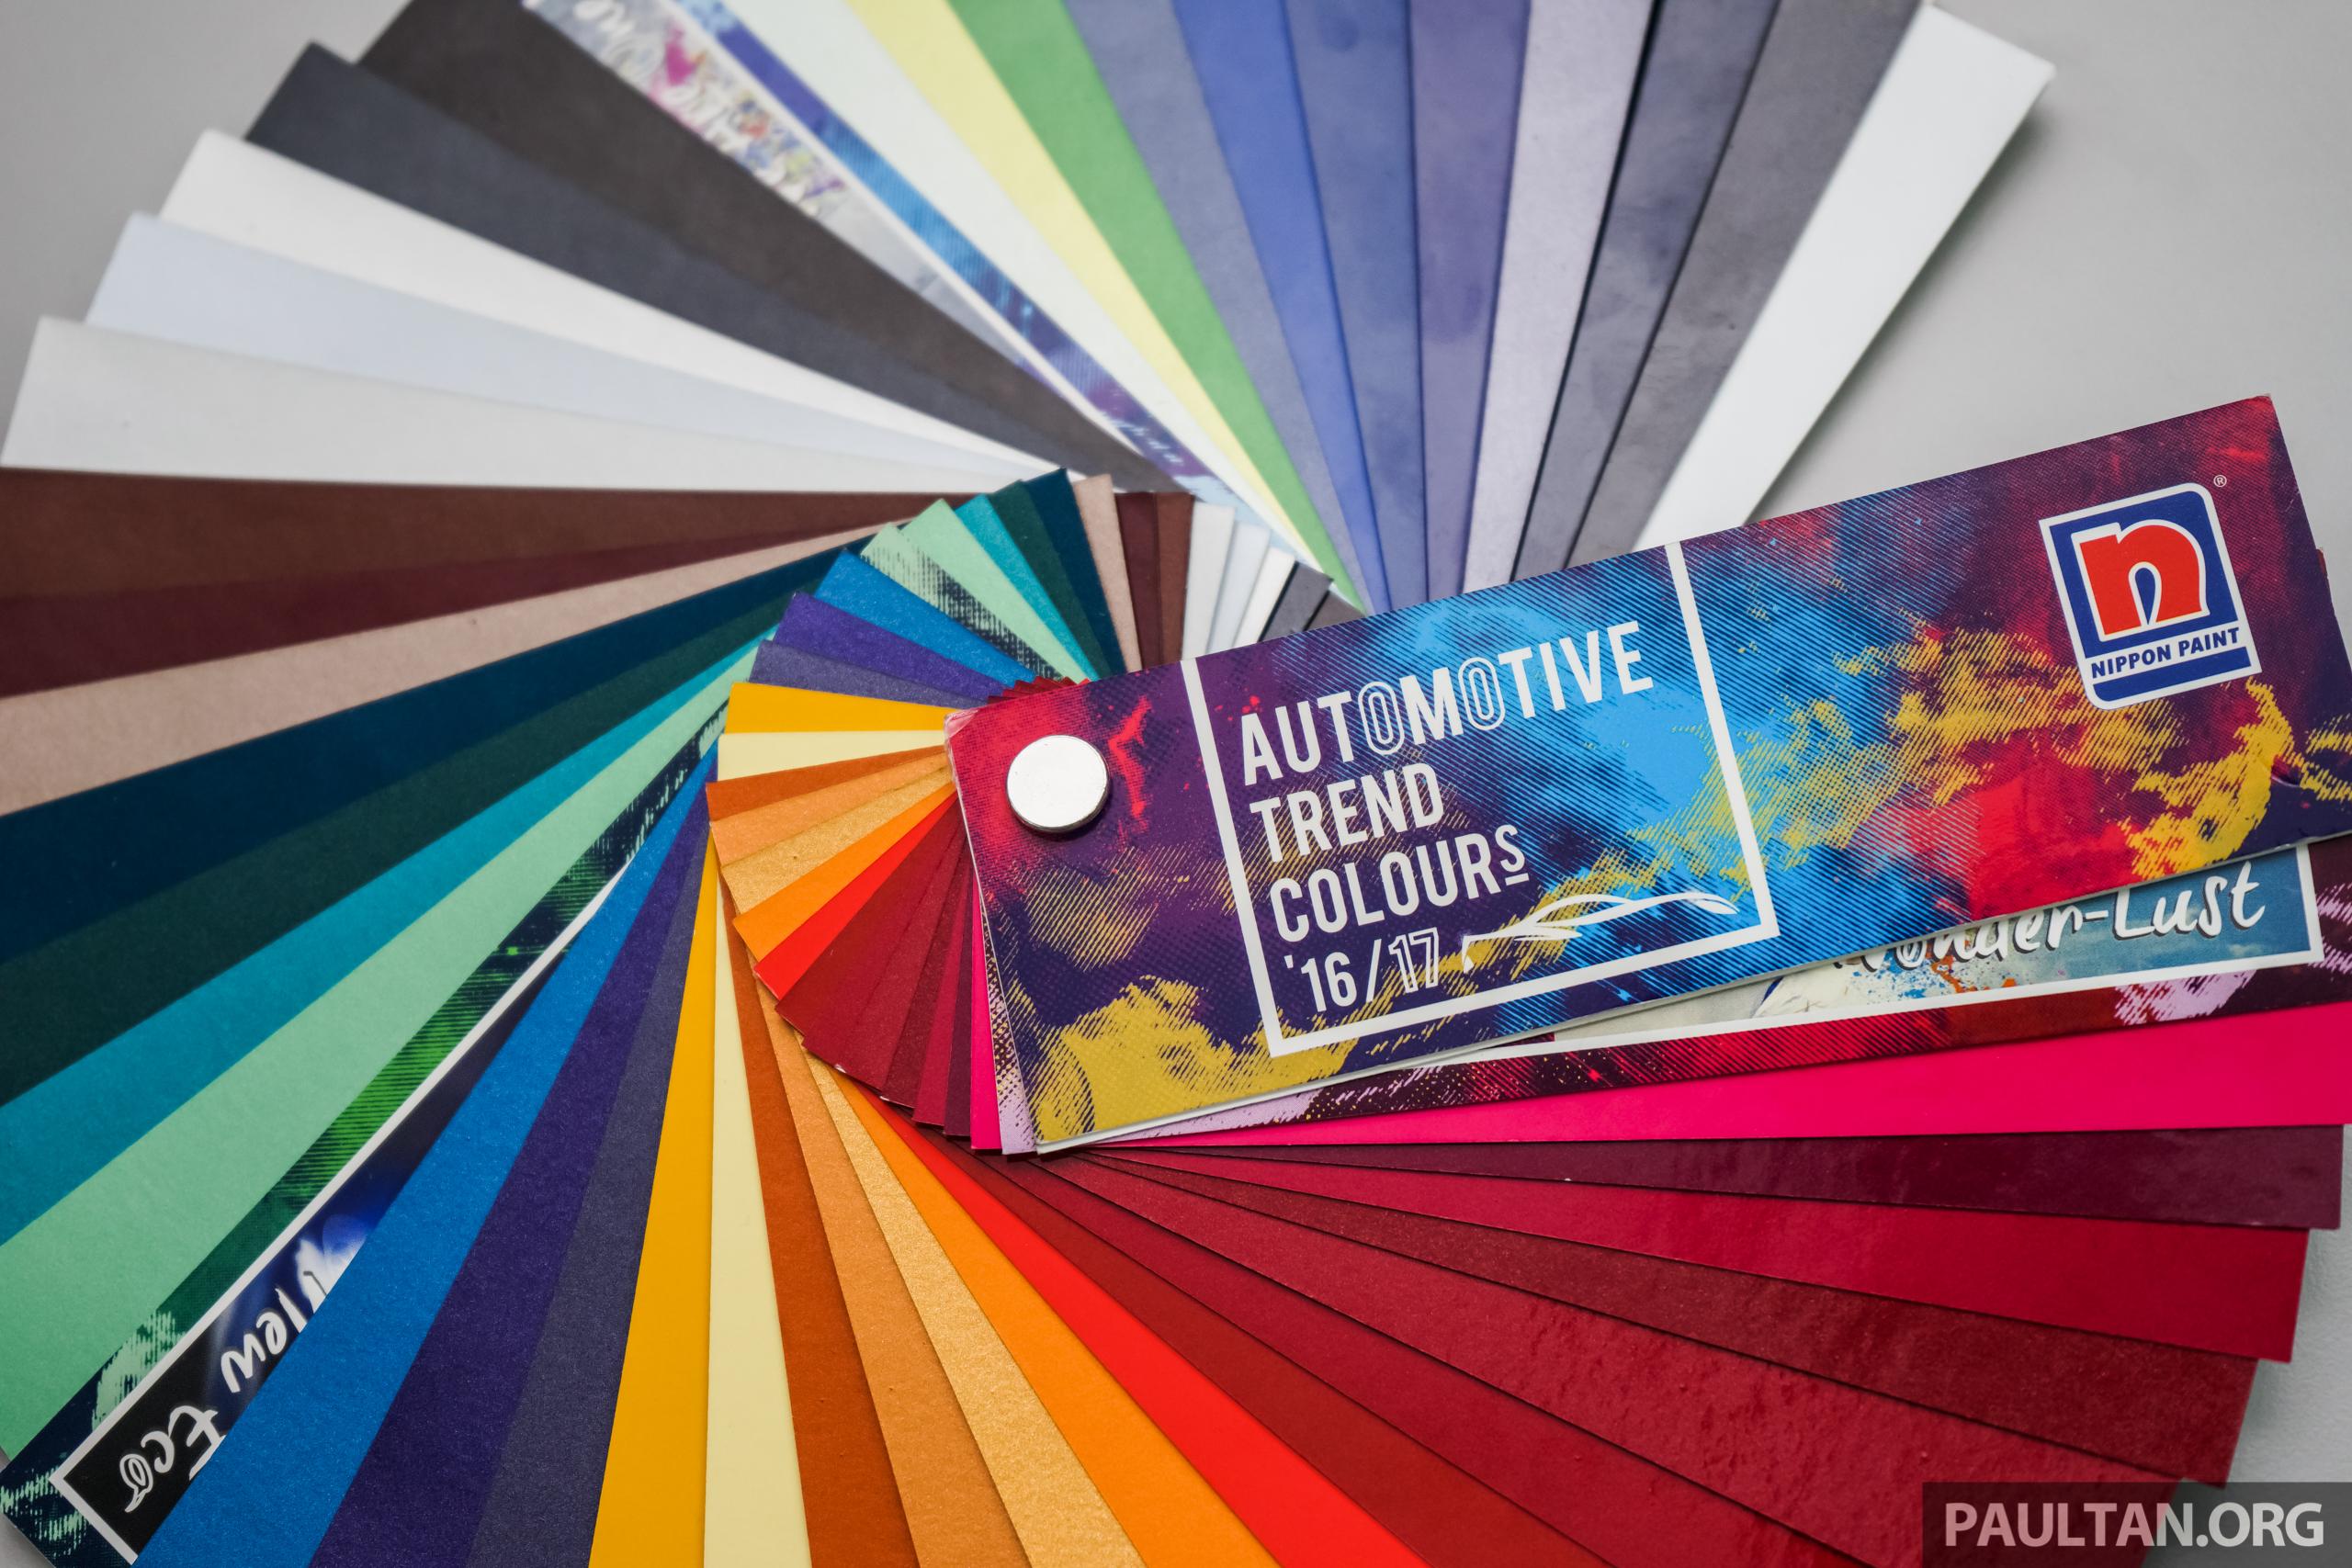 nippon paint automotive trend colours 2016 2017 palette